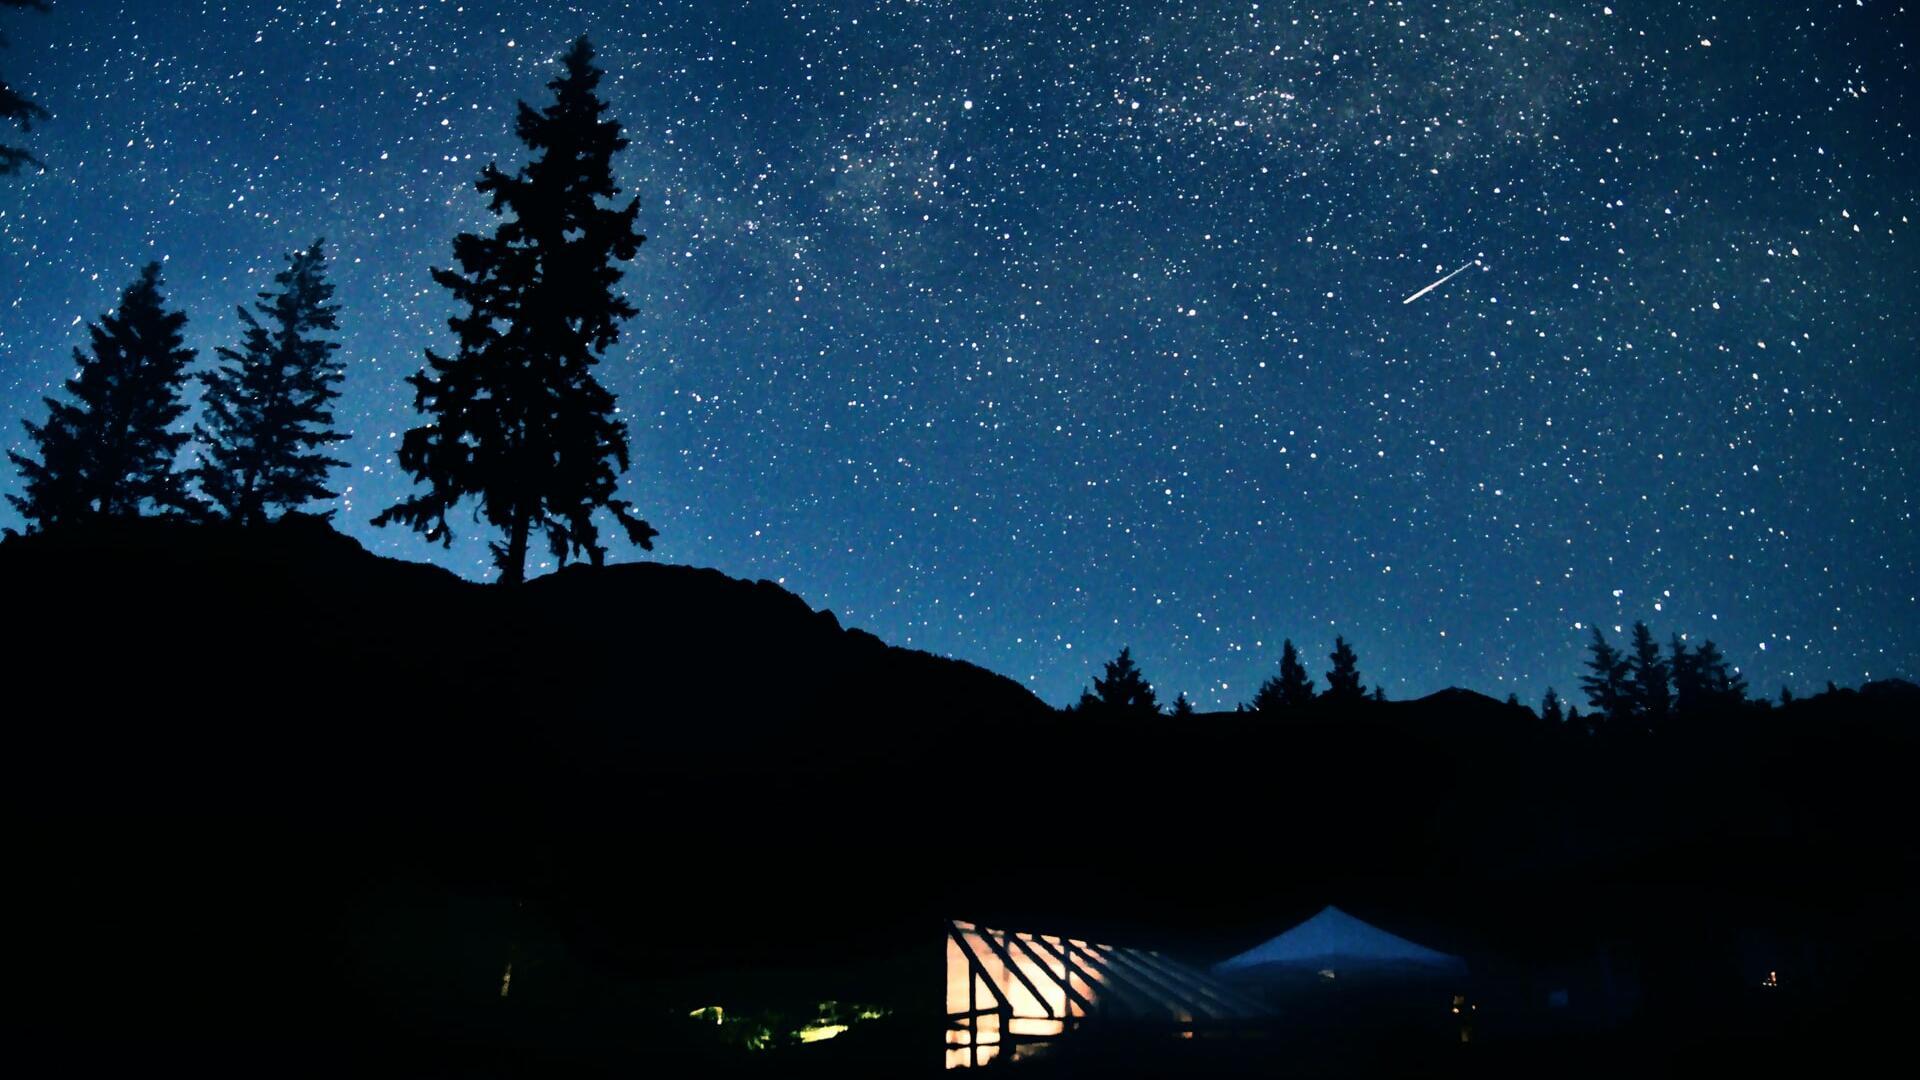 starlink-&-co.der-sternenhimmel-gehort-uns-allen-–-und-nicht-elon-musk-und-jeff-bezos